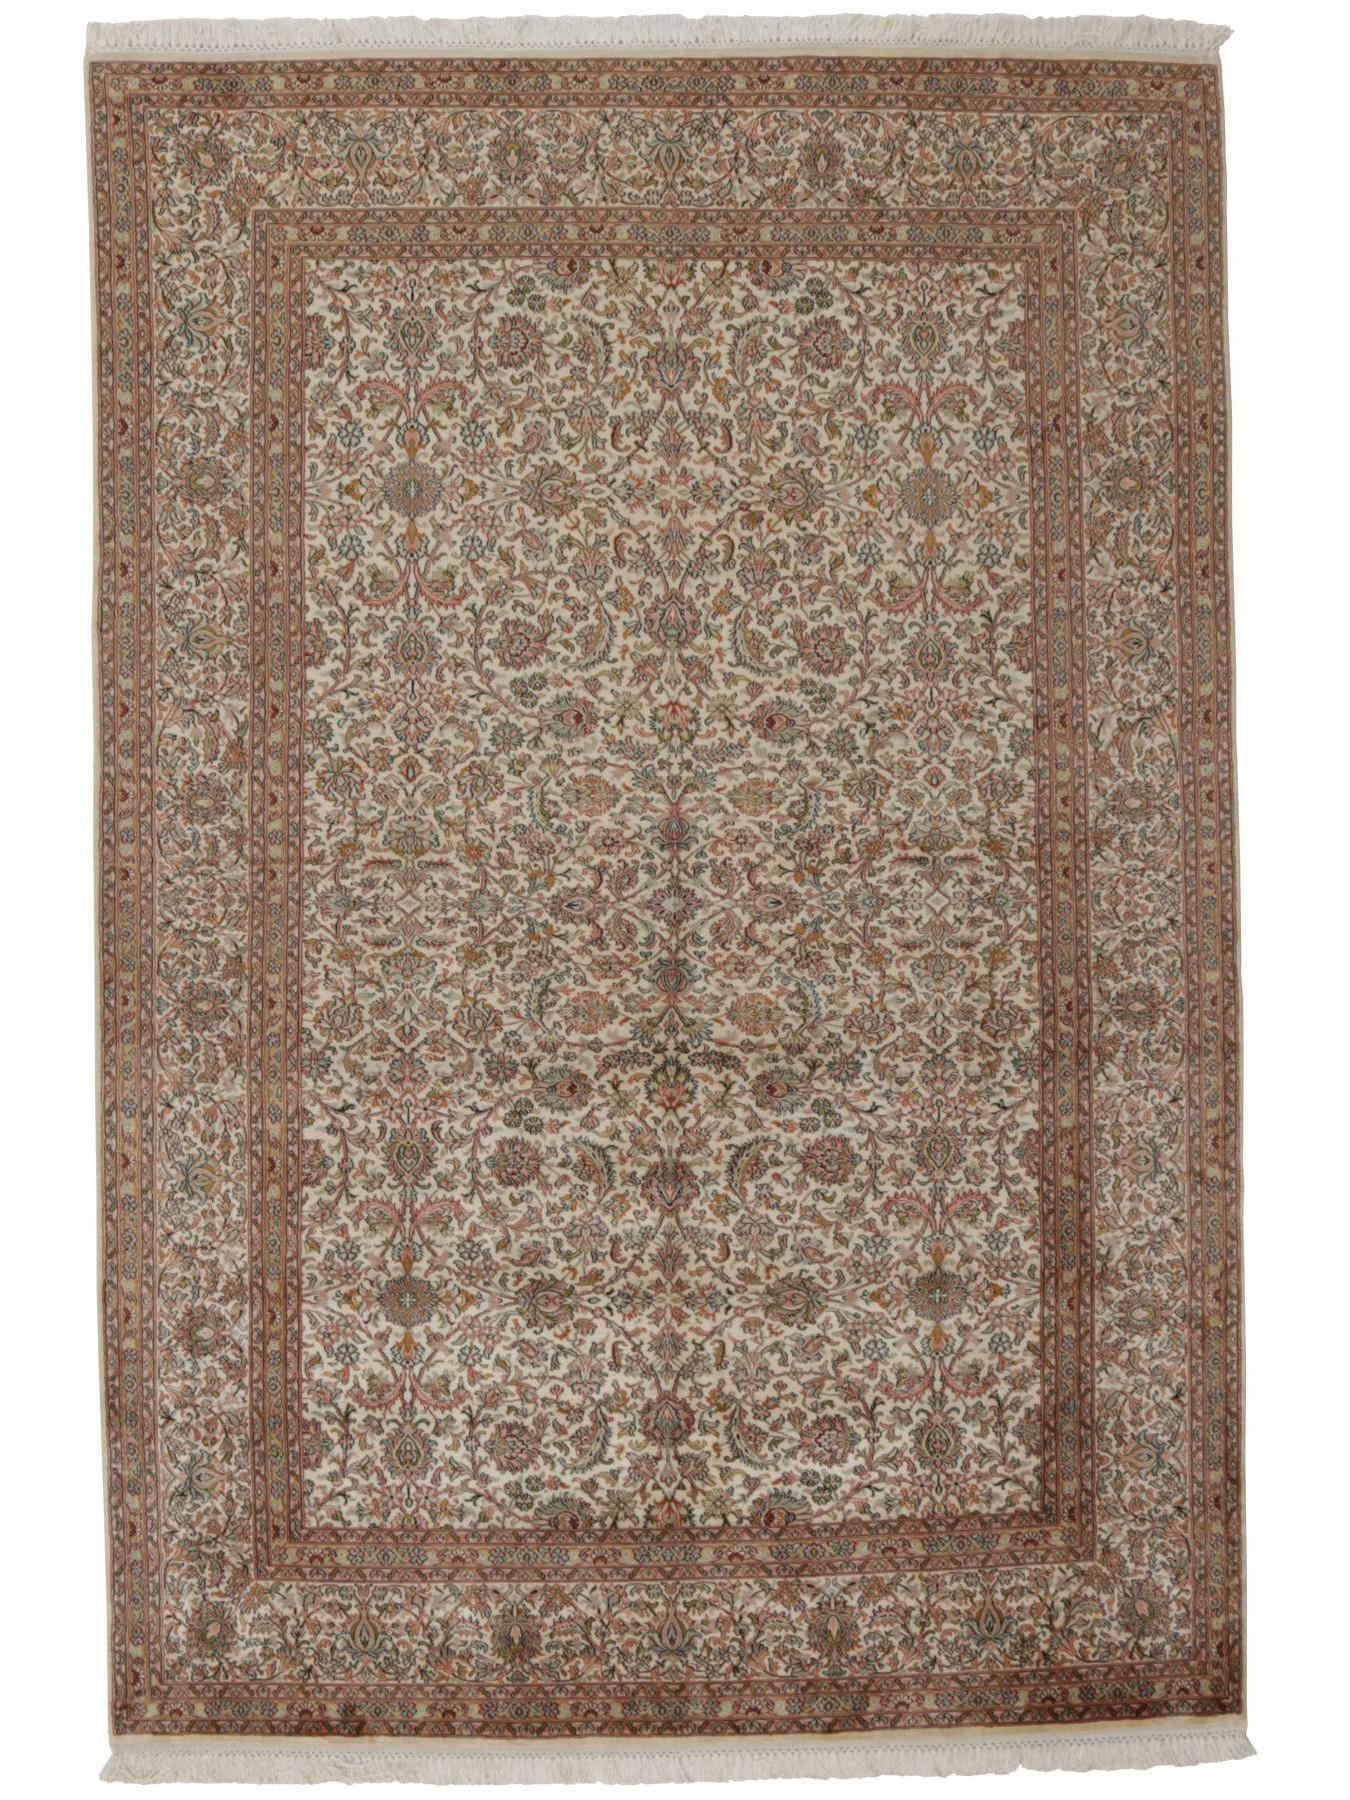 Prestigious rugs - Srinagar Silk